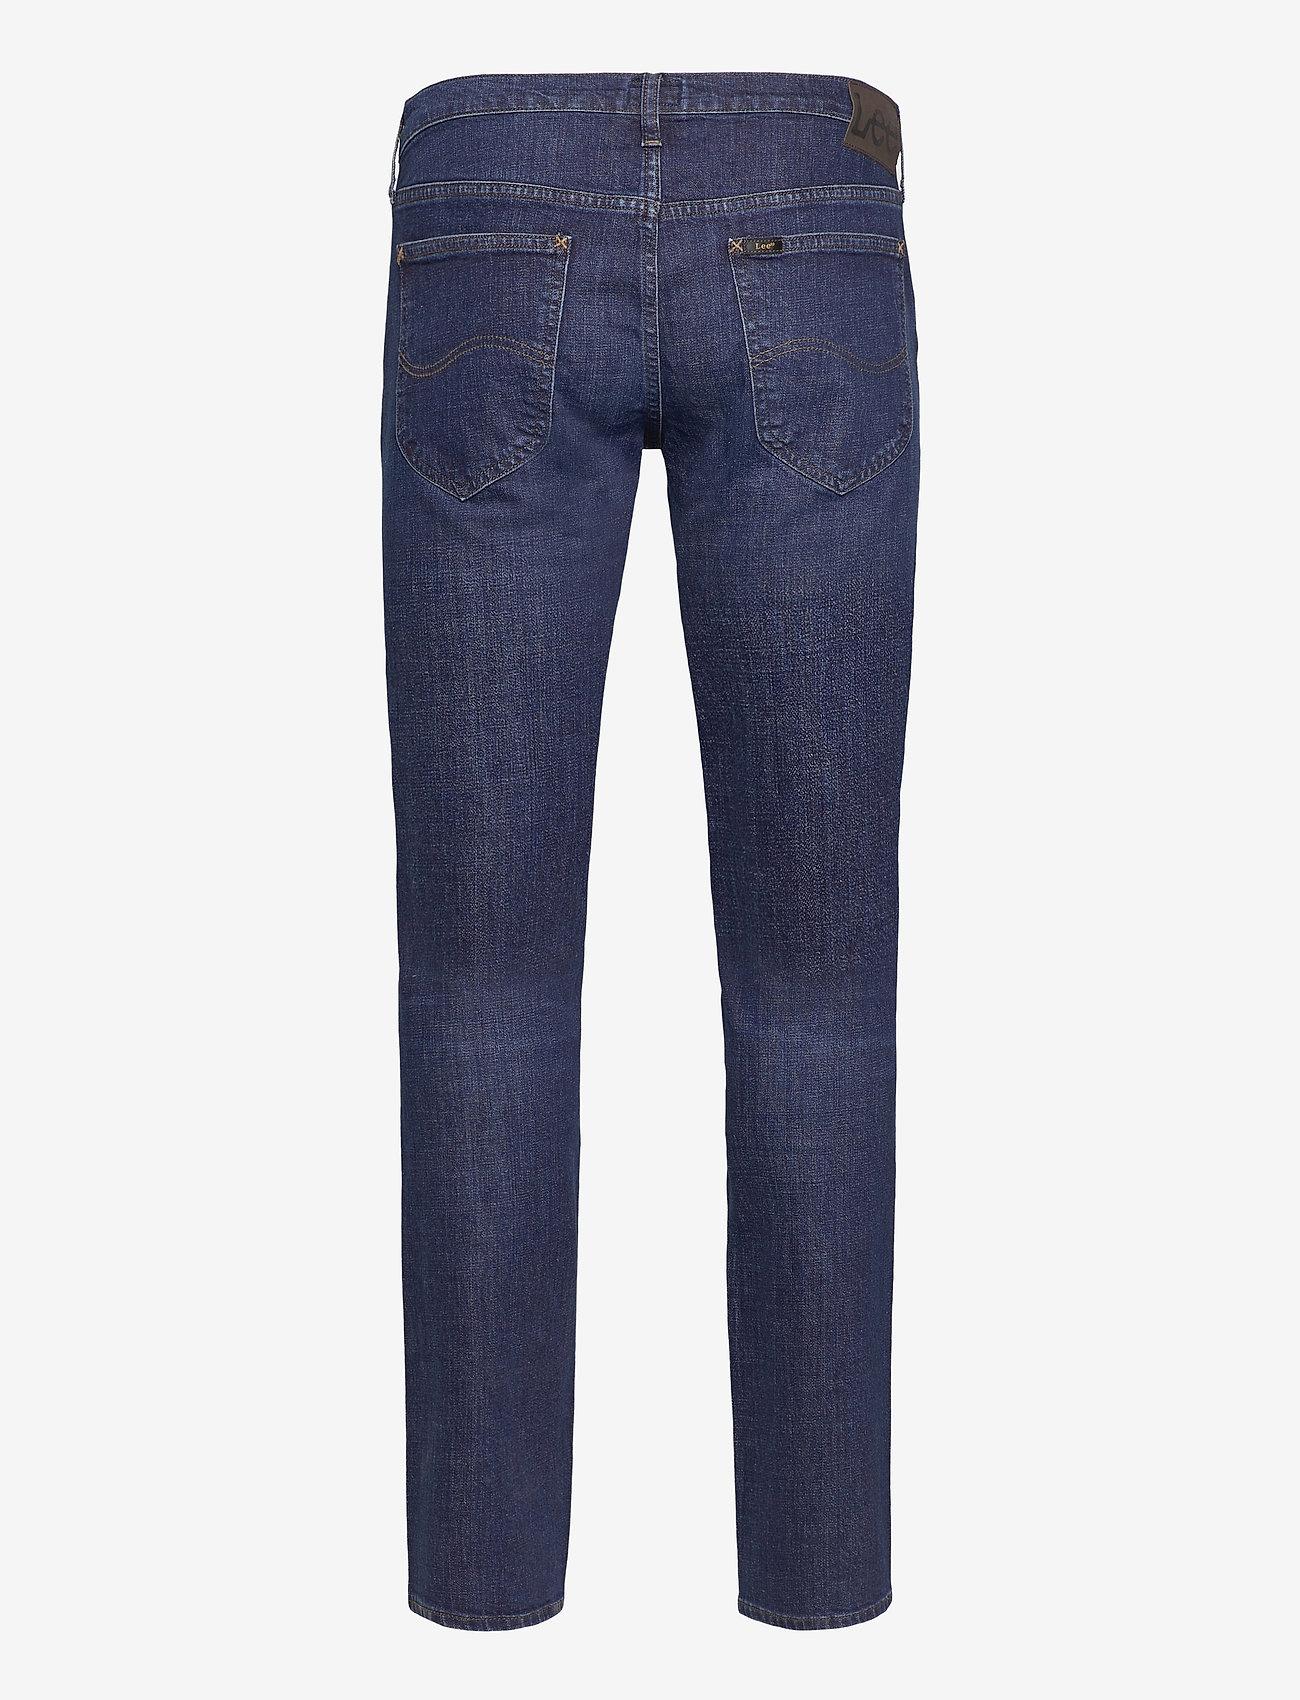 Lee Jeans - DAREN ZIP FLY - regular jeans - dark bluegrass - 1